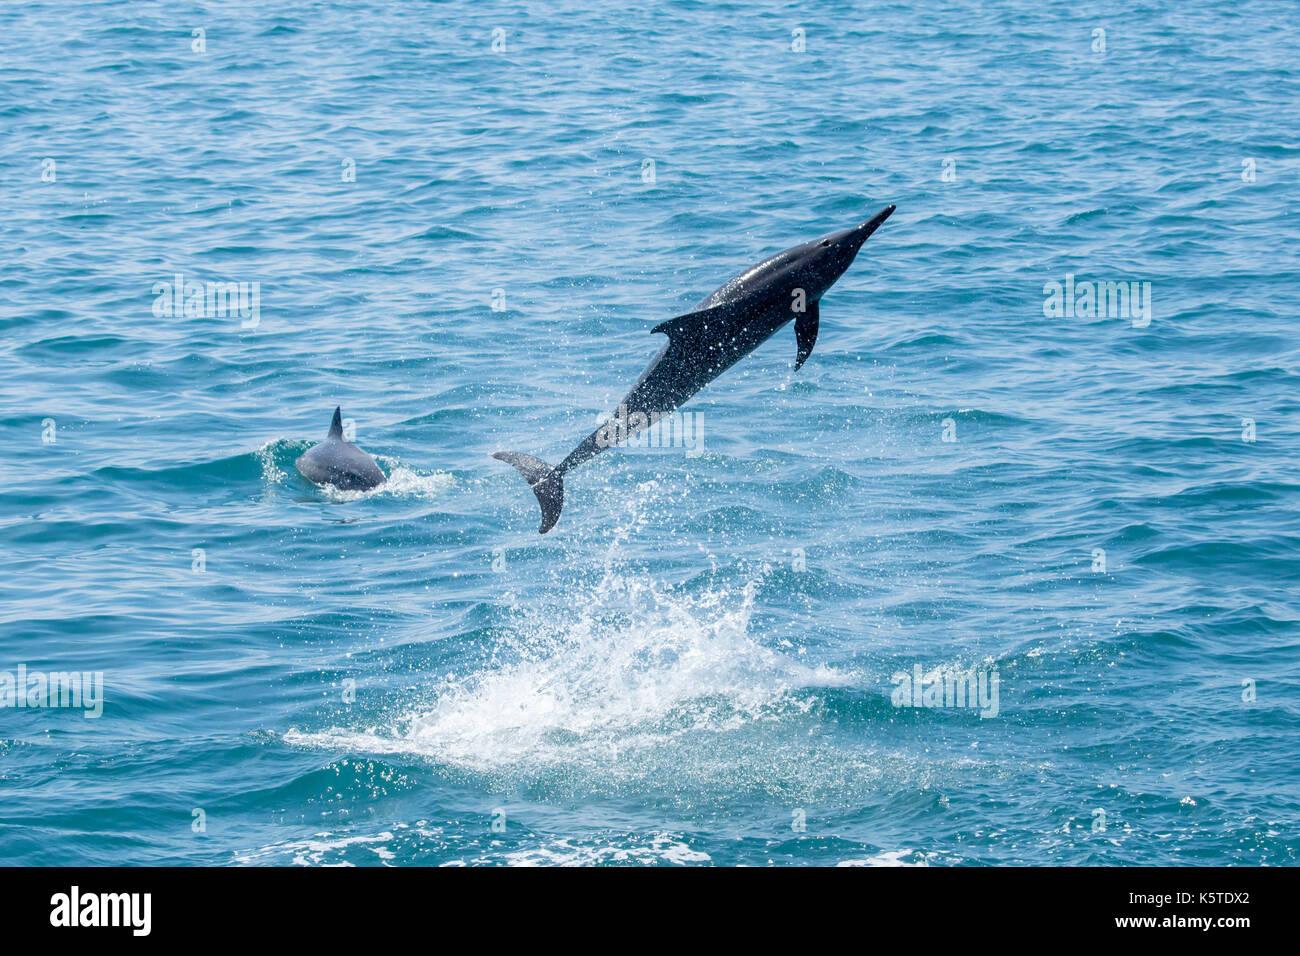 Gray Spinner dolphin o hawaiian spinner (Delfino Stenella longirostris) salto e la filatura nell'oceano pacifico al largo della costa orientale del taiwan Immagini Stock